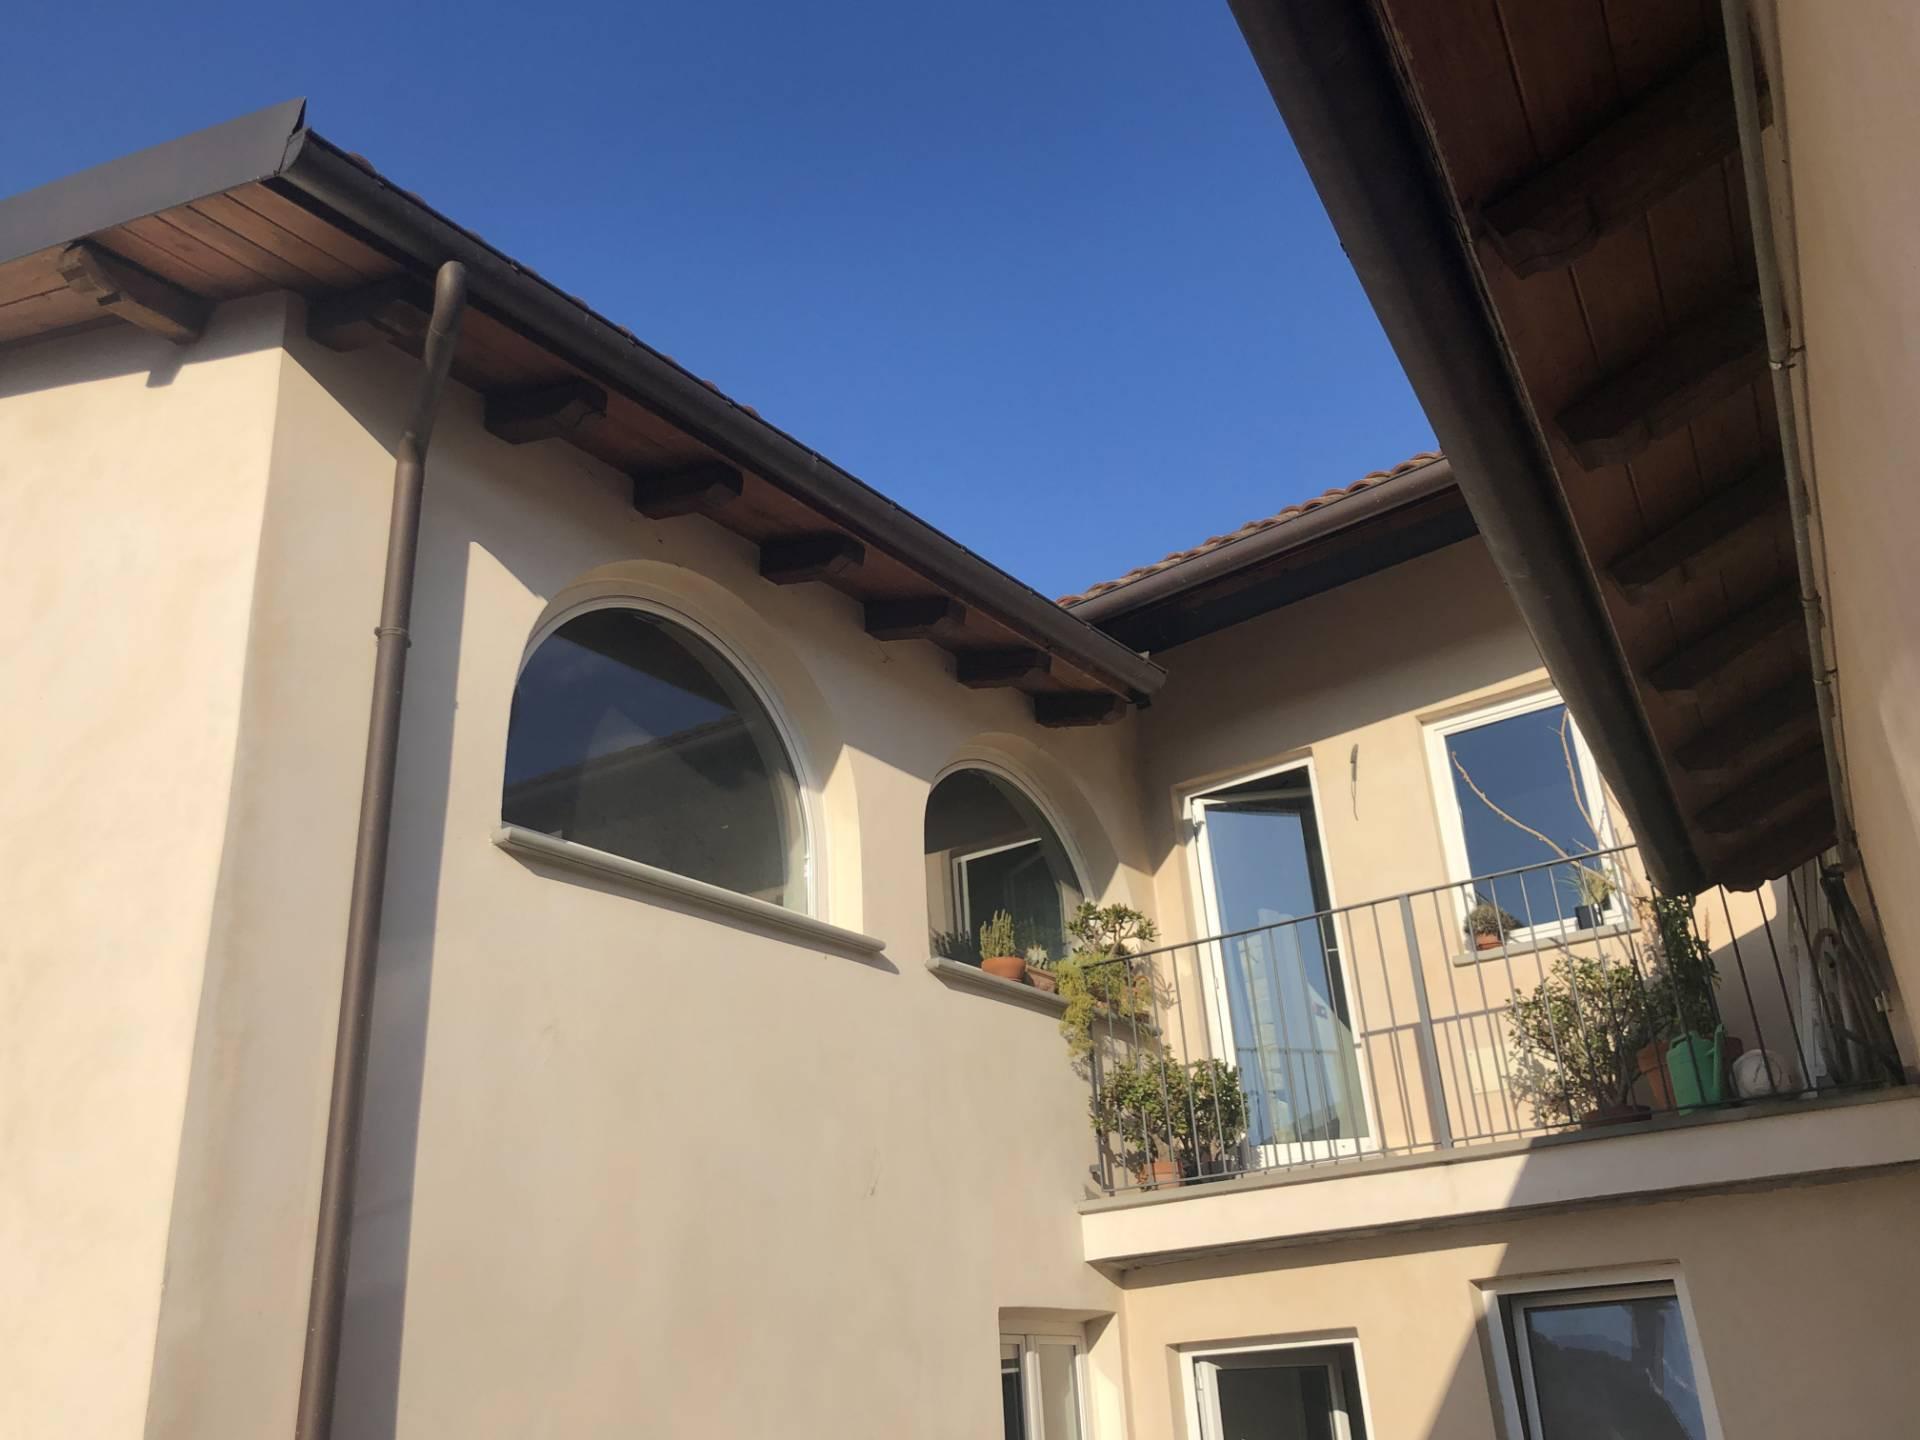 Appartamento in vendita a Millesimo, 5 locali, prezzo € 135.000 | PortaleAgenzieImmobiliari.it